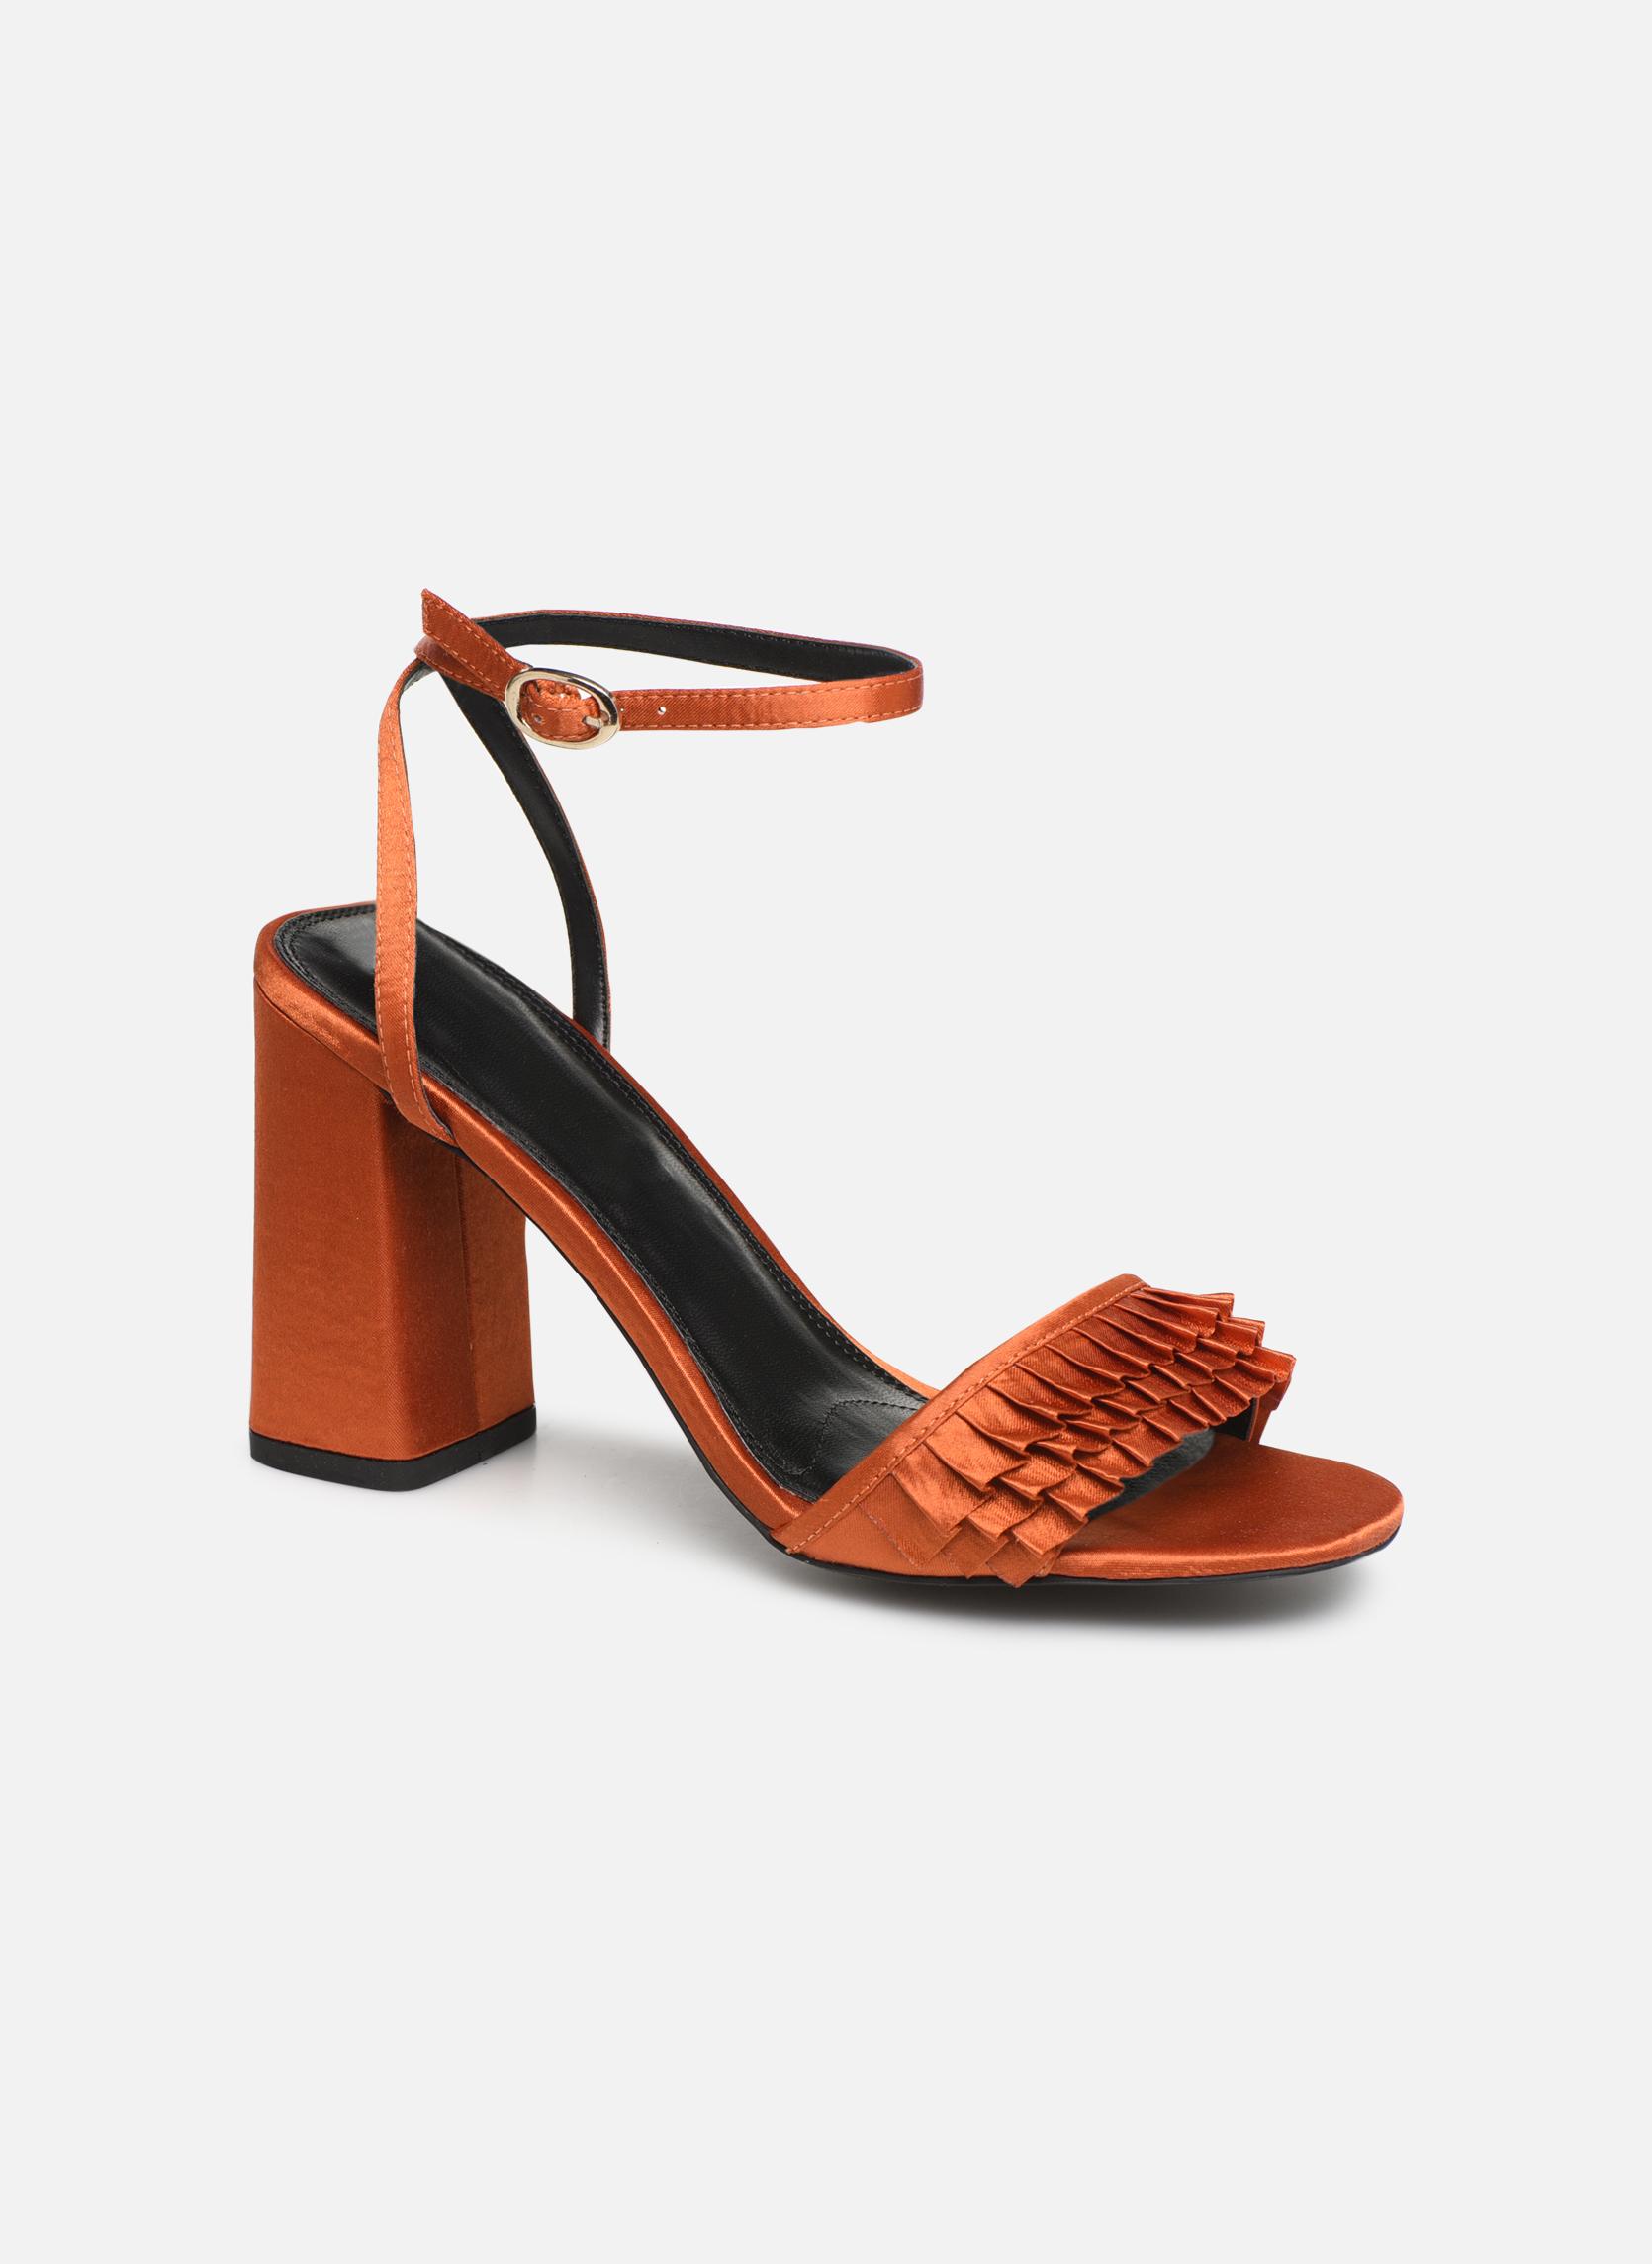 Sandalen Akkrum Sandal by Steve Madden